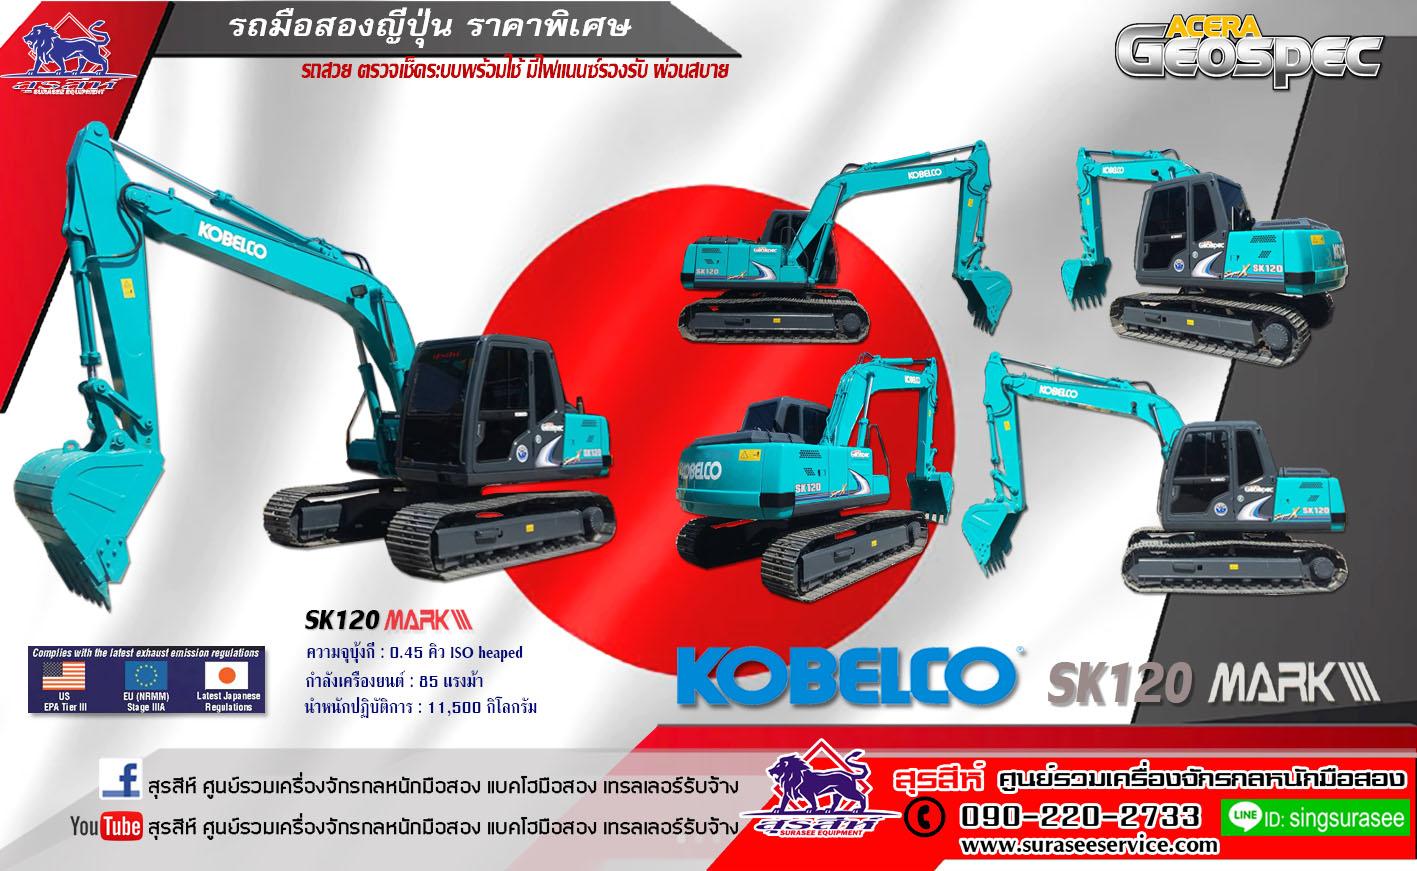 รถแบคโฮมือสอง KOBELCO SK120 Mark 3  นำเข้าจากญี่ปุ่น